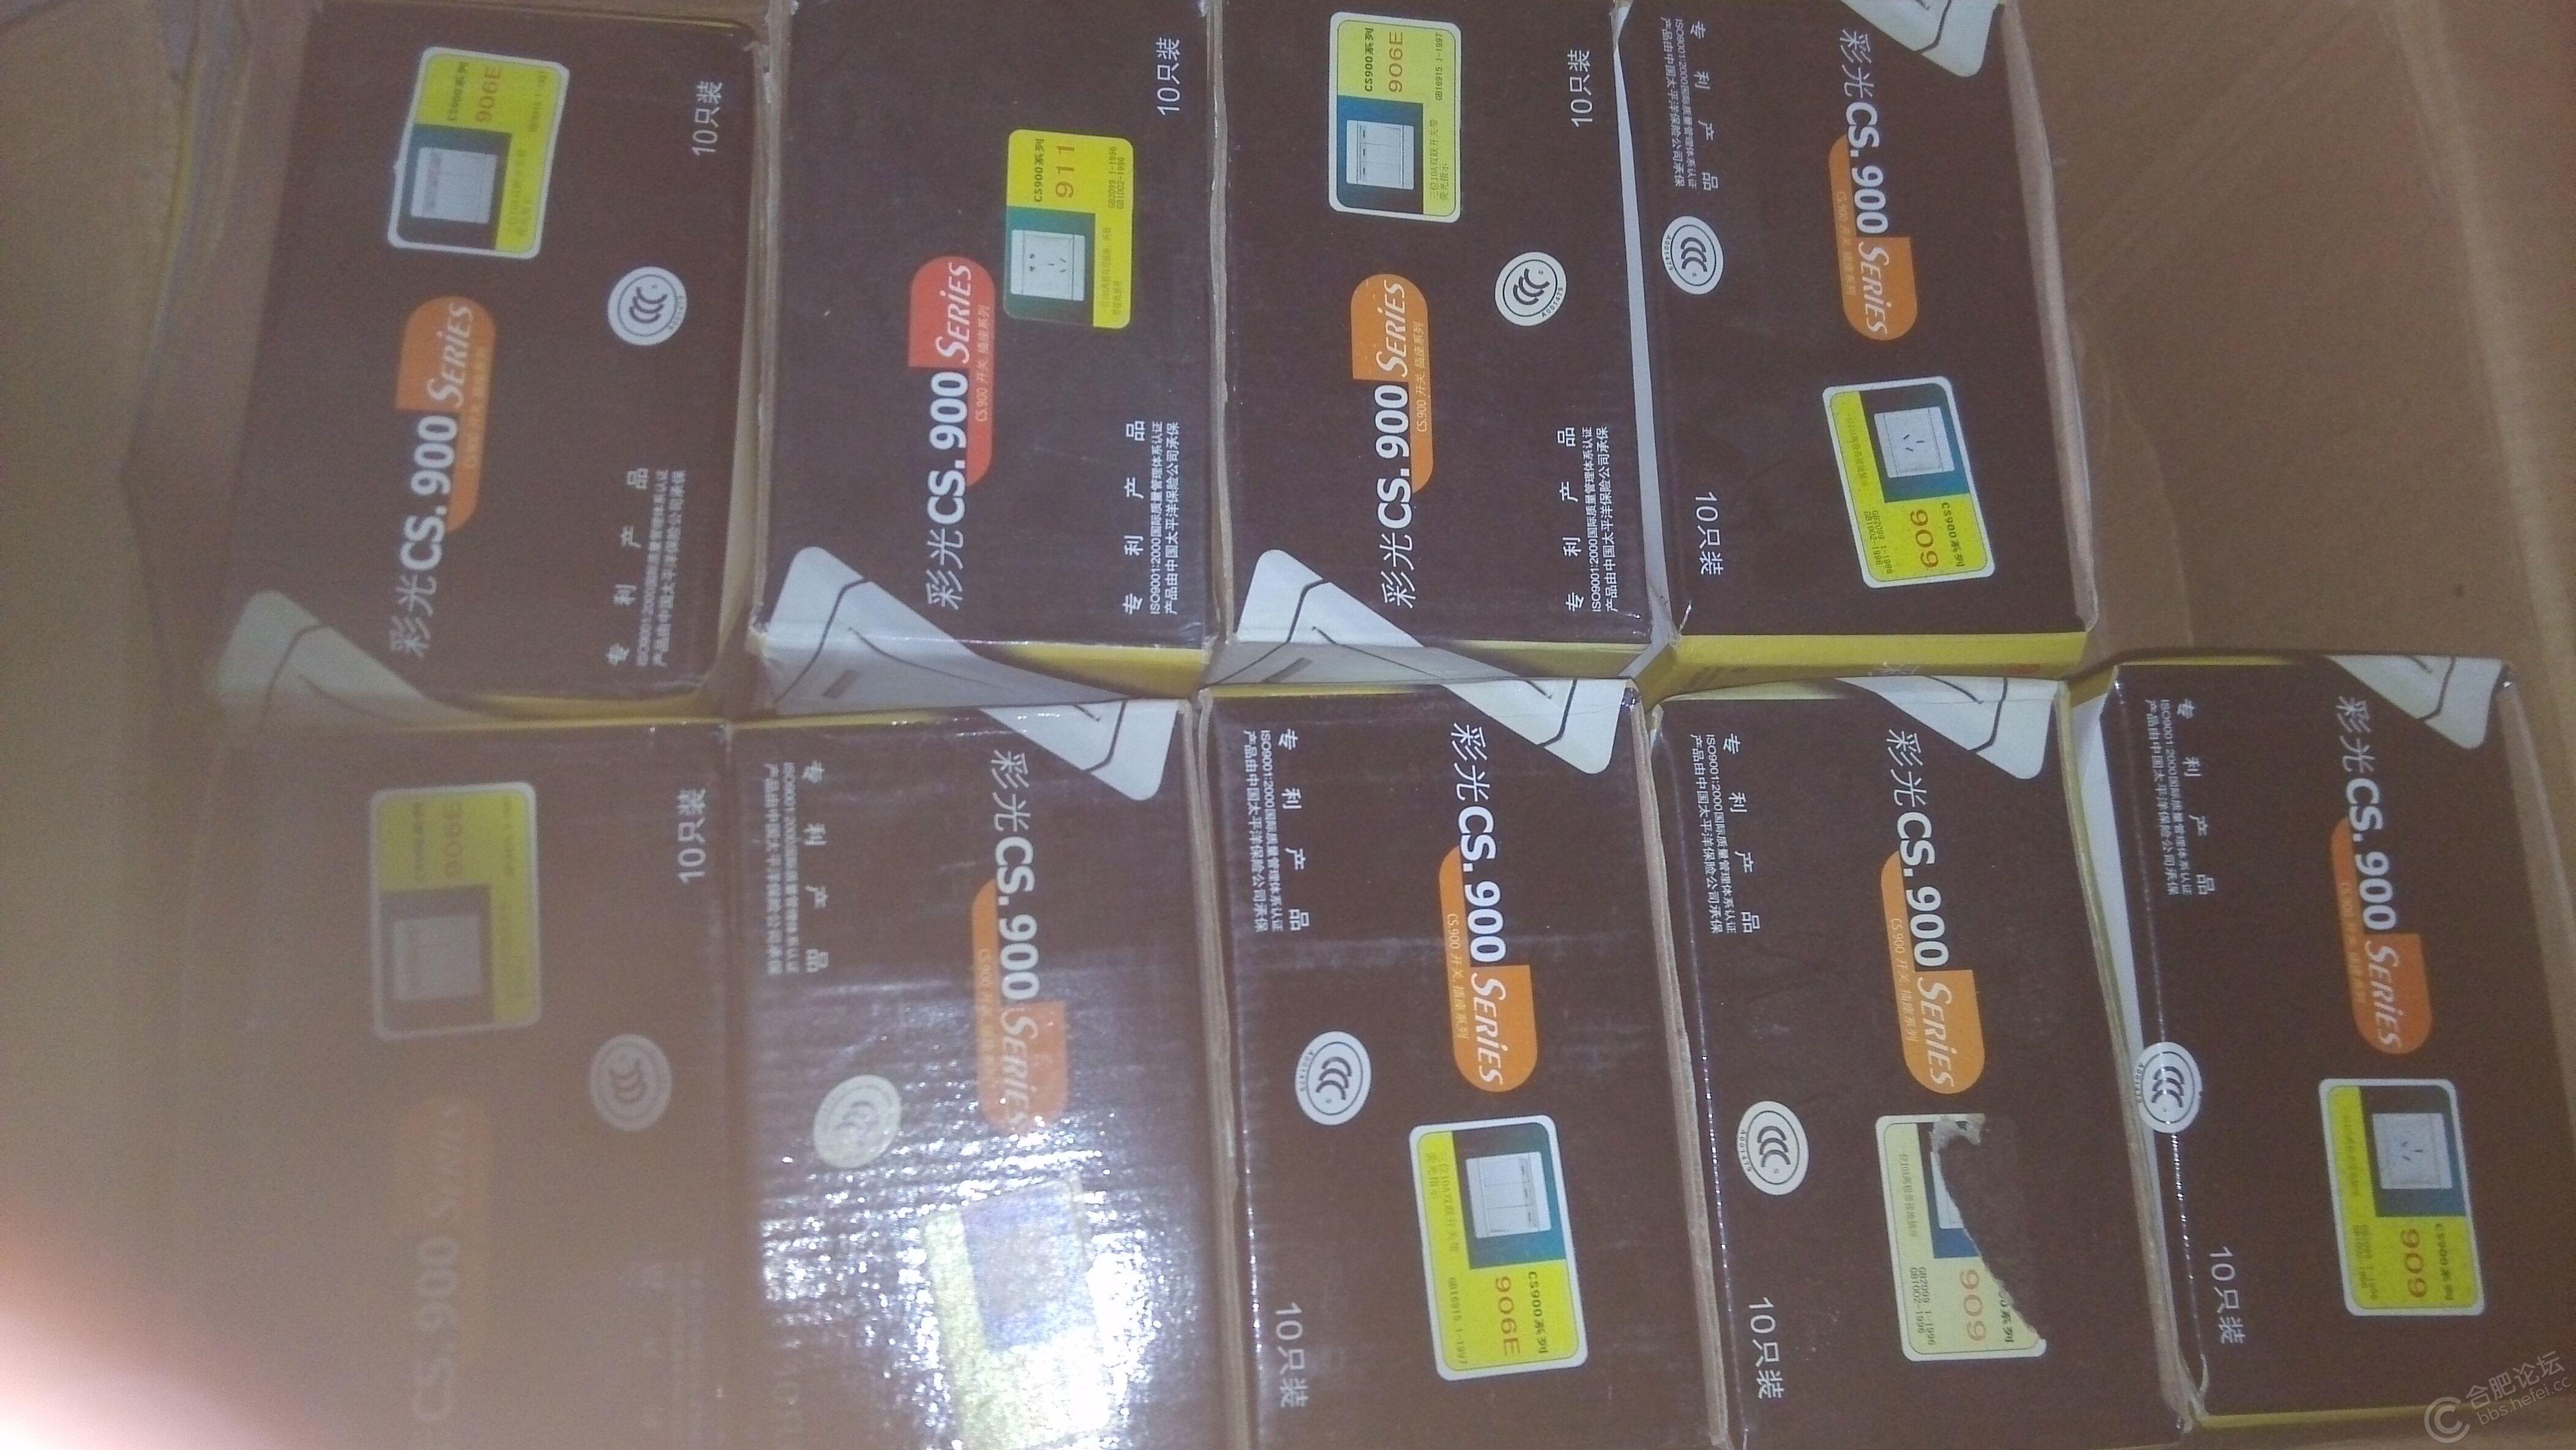 墙面插座 网线插座 各种开关 插线板 都是几年前父母在安徽大市场做生意的存货,一直放在家里自己家里亲戚朋友装修房子一直在用,现在还剩很多,想一次性清理掉,价格绝对是非常优惠。所有产品3-12元 清仓。& G7 / T& q y 如果有开五金店,或者做家装的朋友可以联系我,如果一次性拉走,可以小刀。 后面在追加几个图片。补充所有产品都是泰力电器。质量非常好,以前零售价都是3,40一个。 0 c% ~!